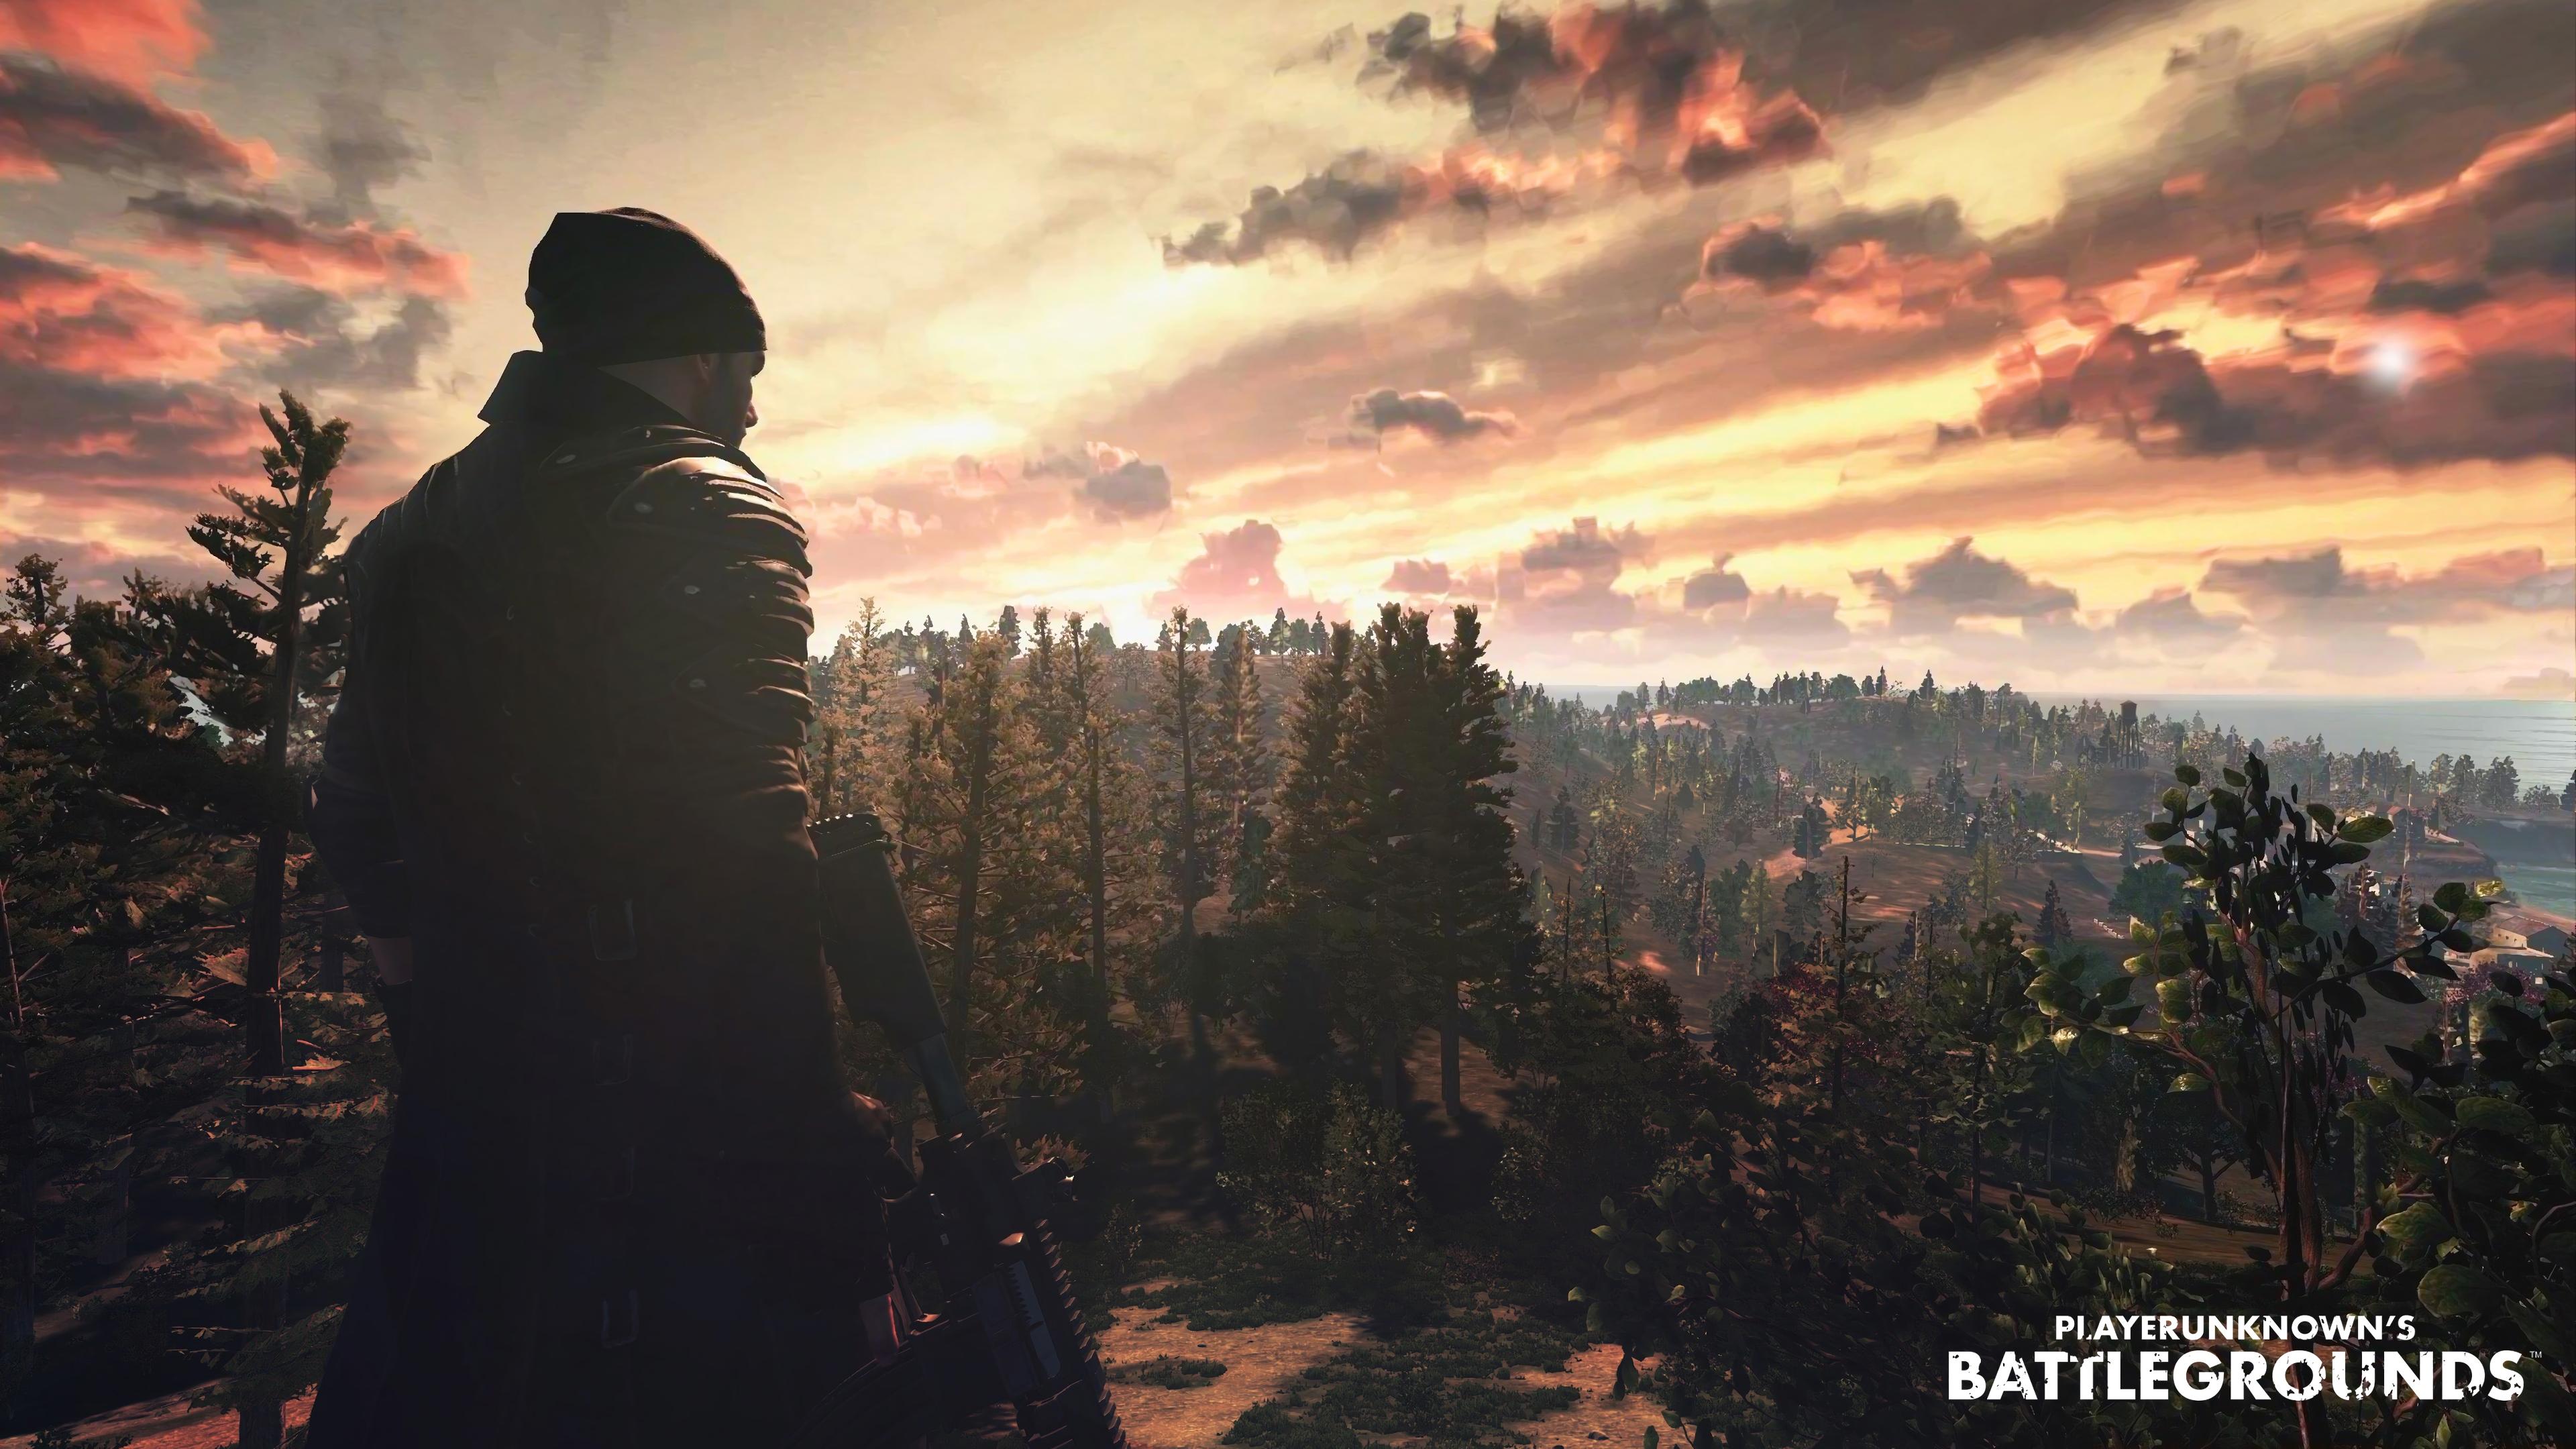 Pubg Playerunknowns Battlegrounds Background 20